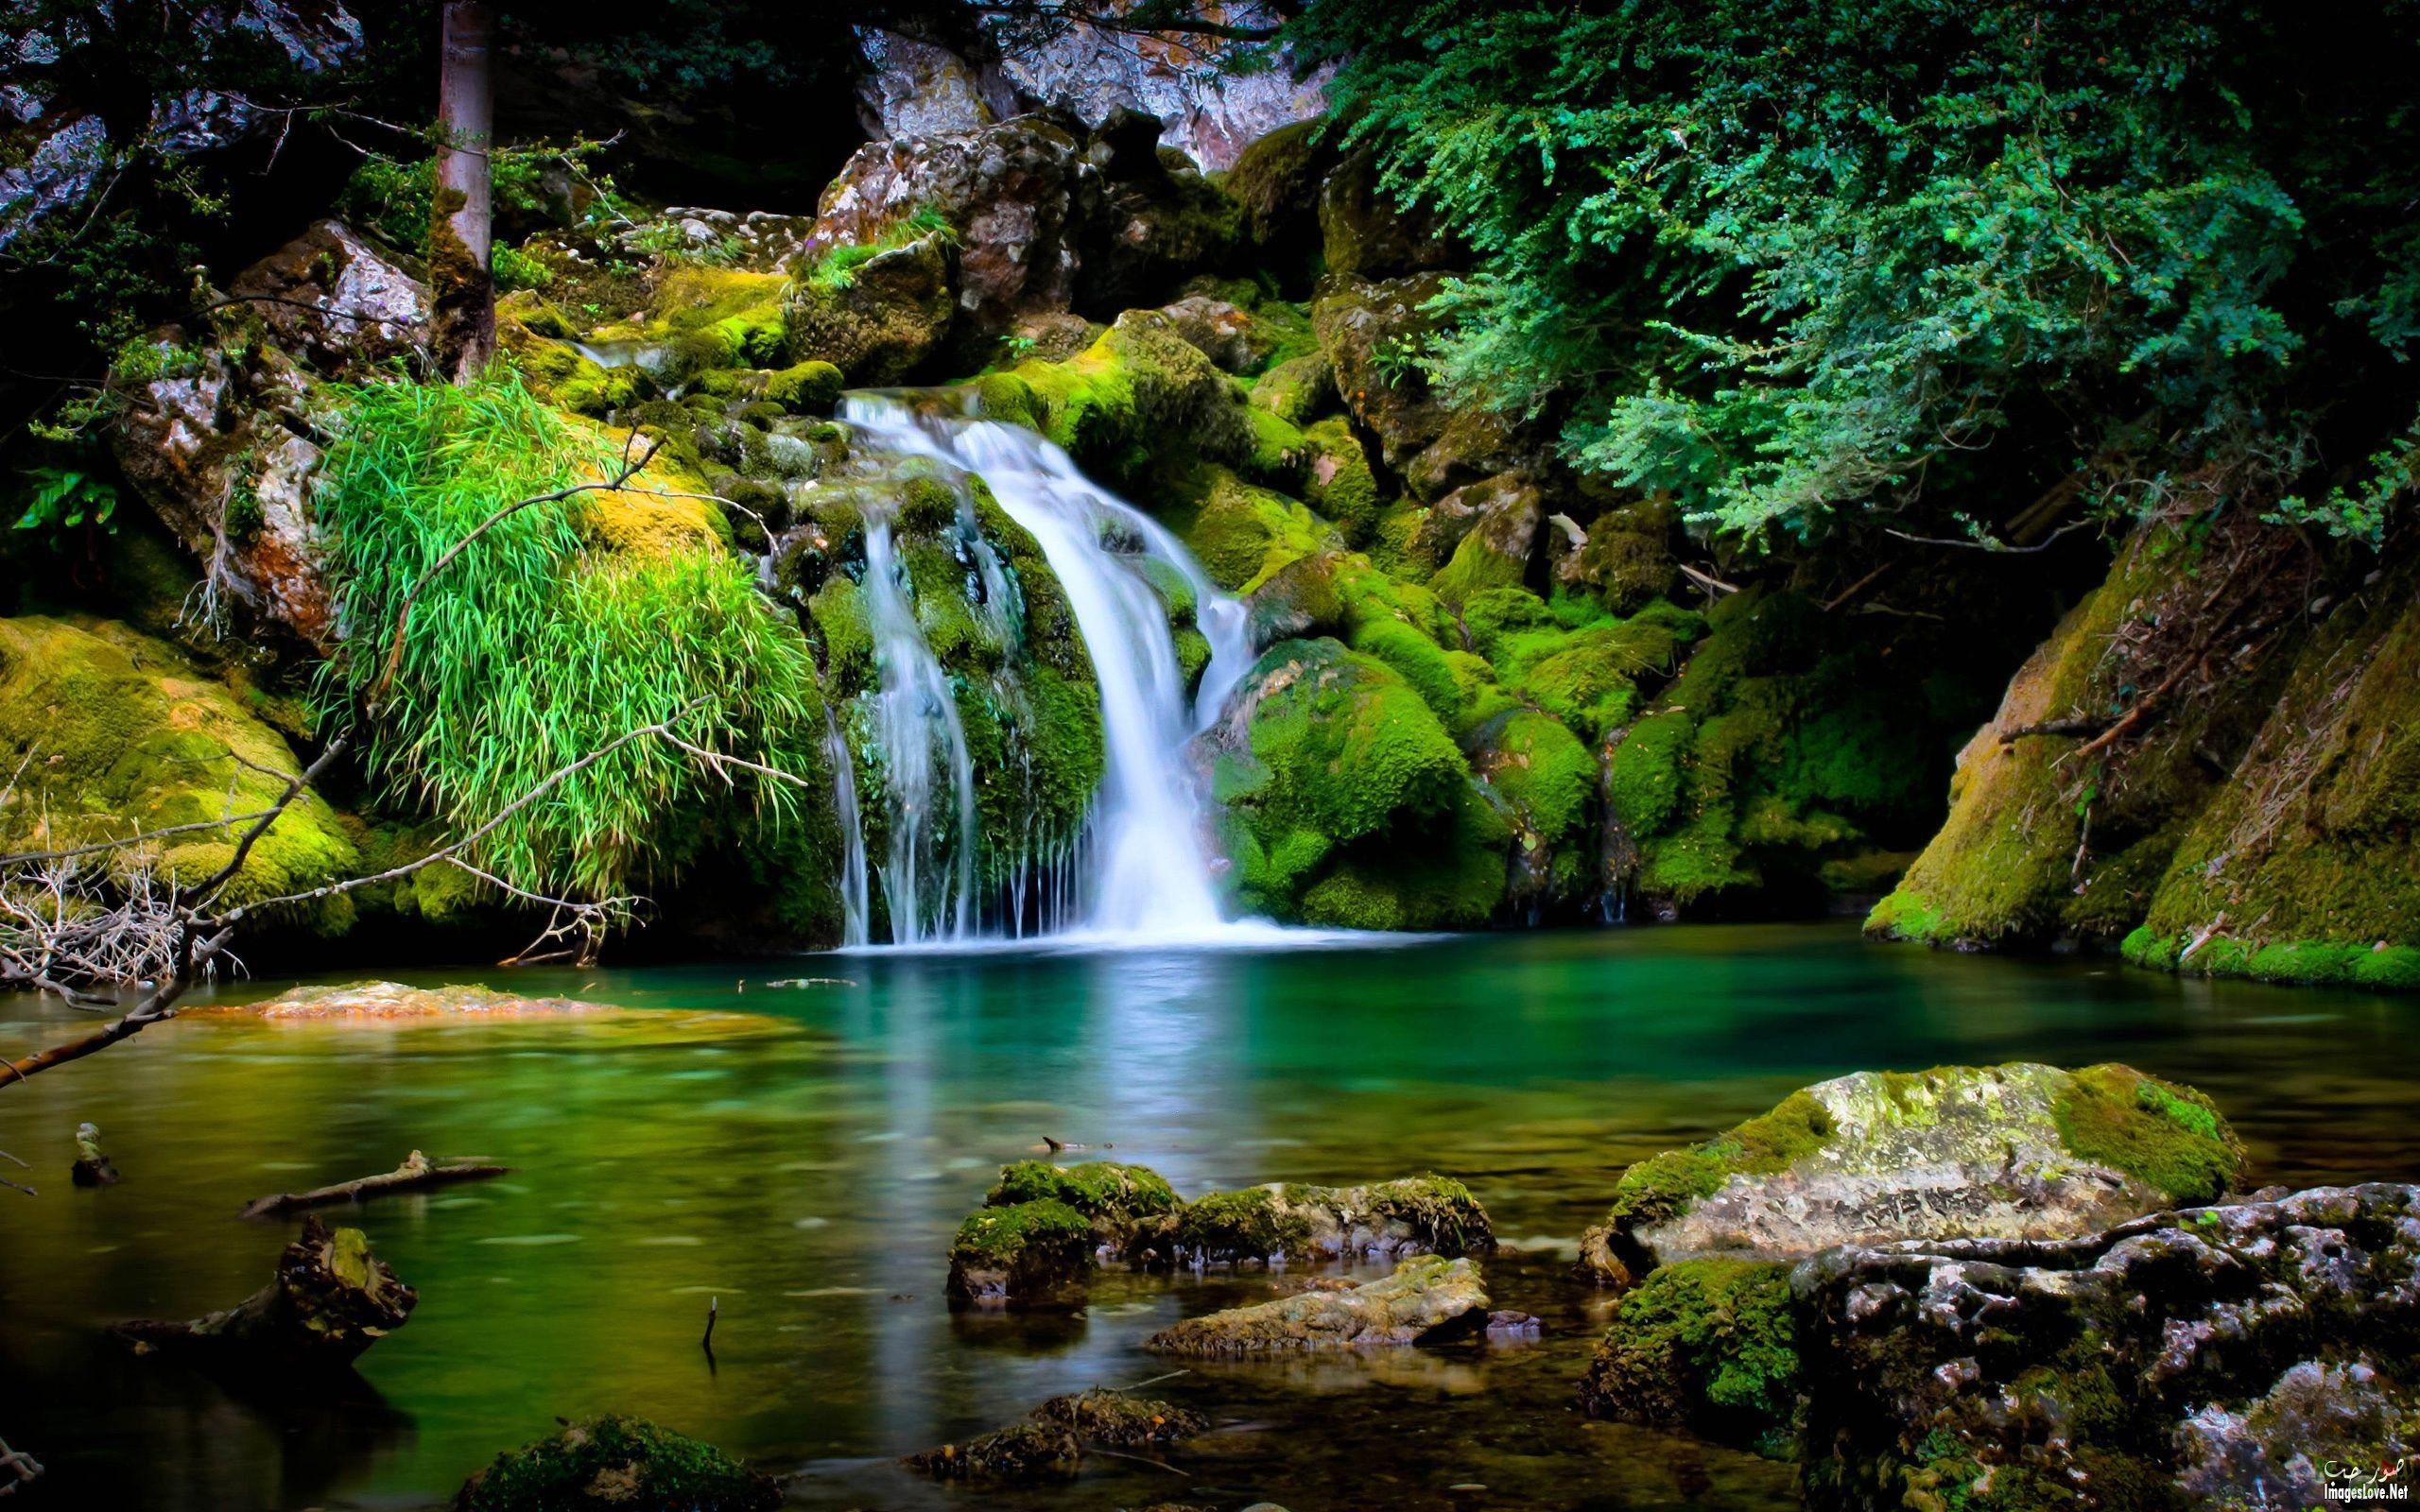 صوره مناظر طبيعيه روعه , مناظر طبيعيه خلابه ورائعه